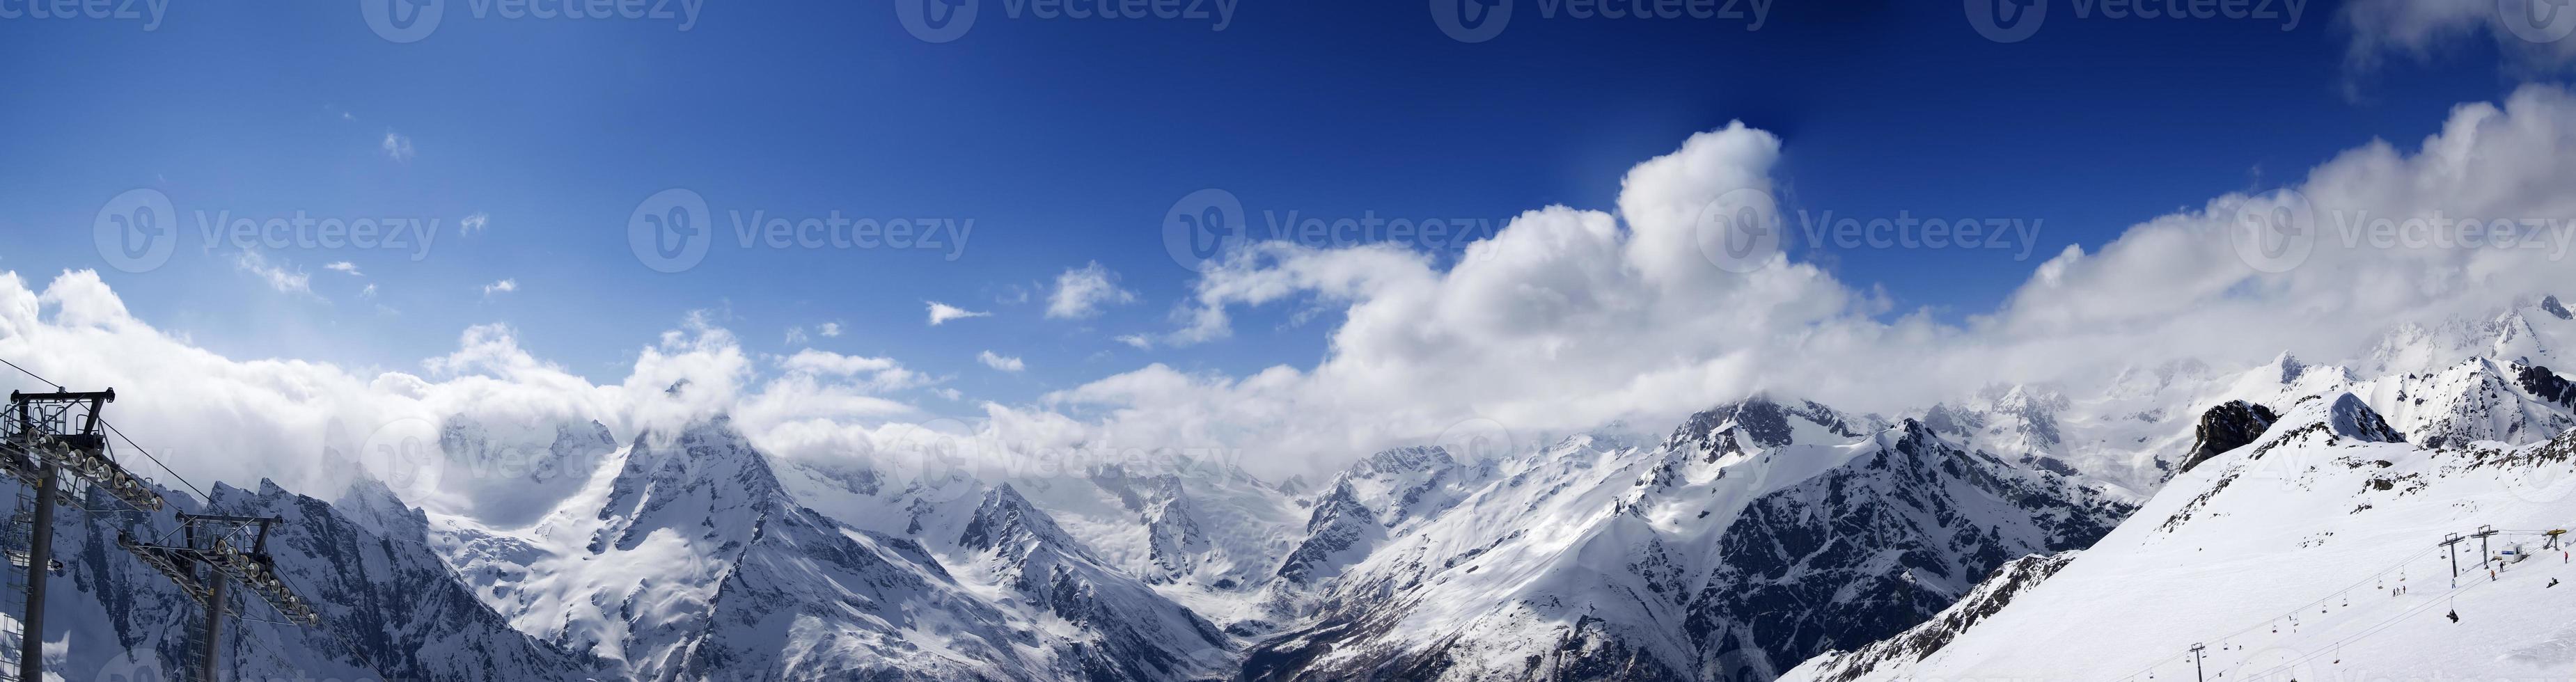 vue panoramique sur la piste de ski en journée ensoleillée photo